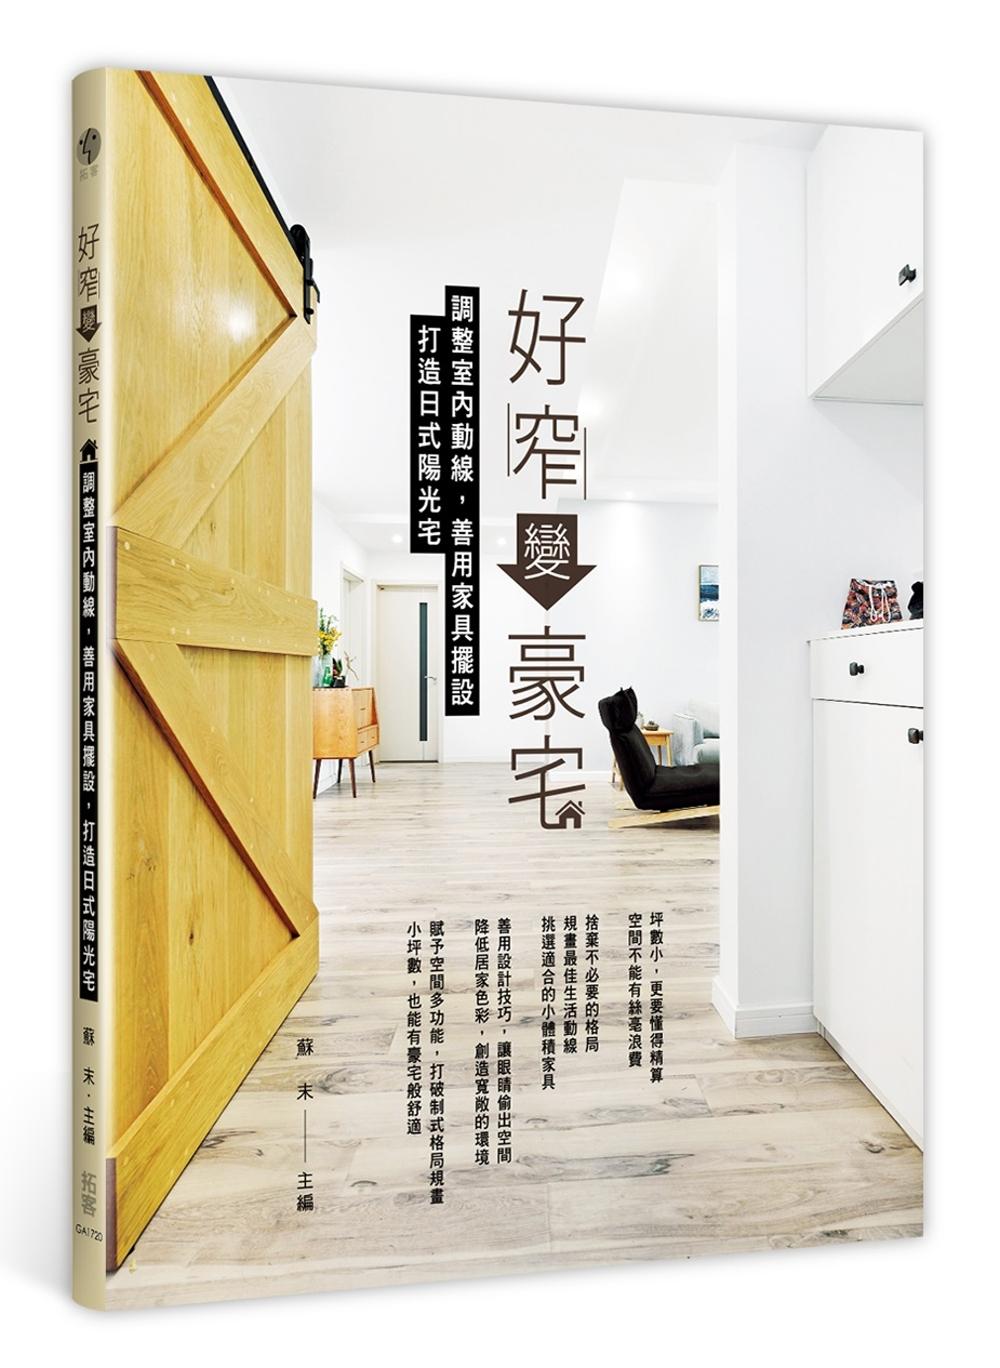 好窄變豪宅:調整室內動線,善用家具擺設,打造日式陽光宅